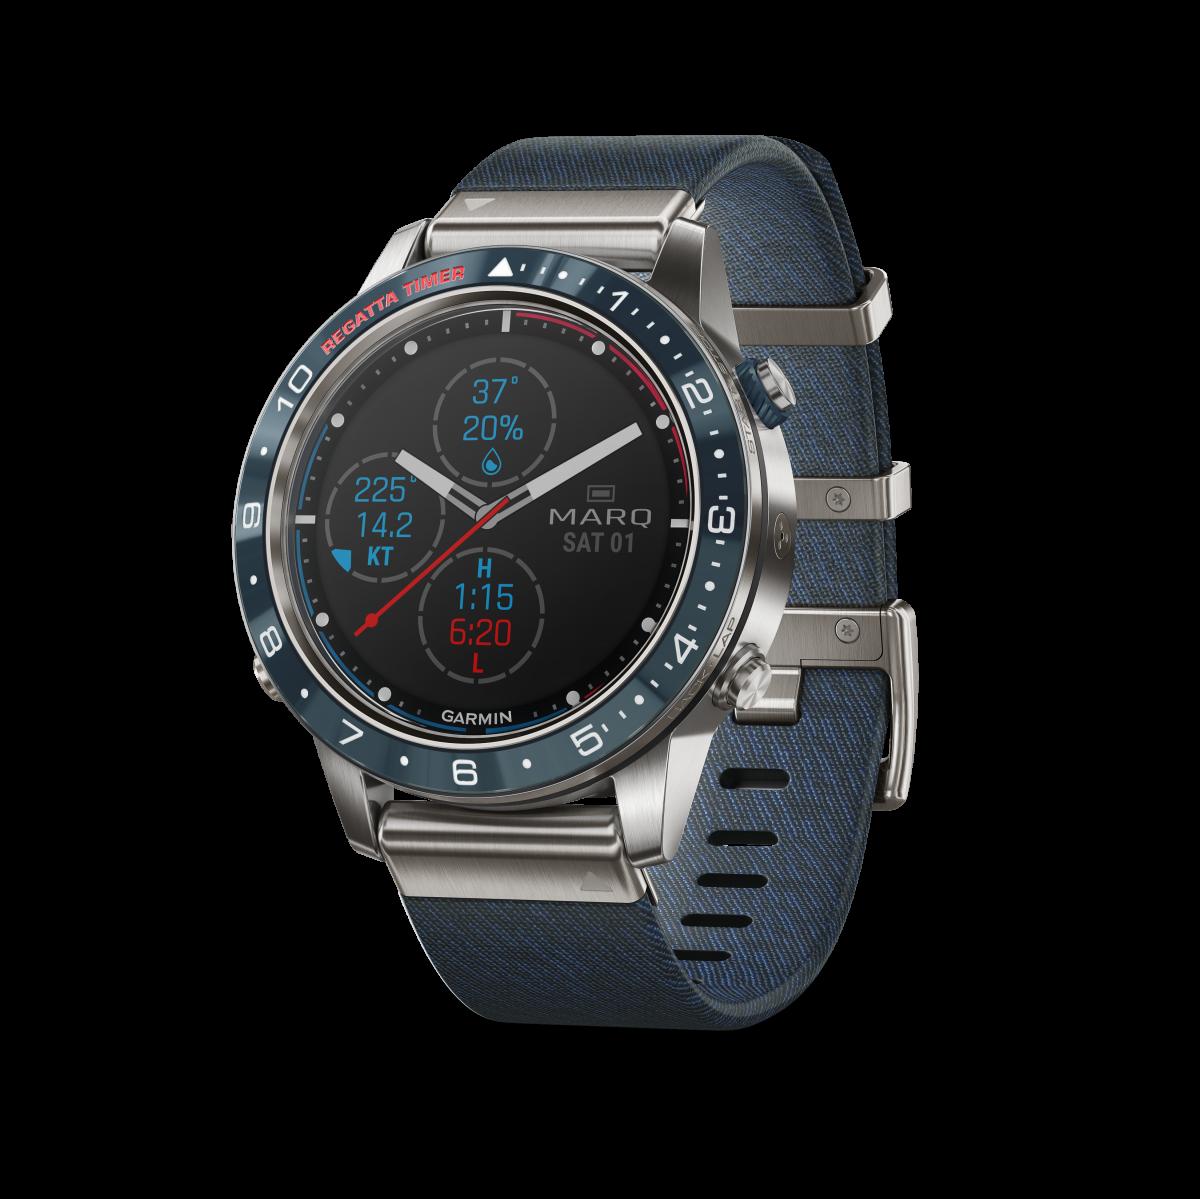 GPSデバイスのパイオニア「ガーミン」から、ハイテク高級なGPSプロウォッチ「MARQ」が新登場!